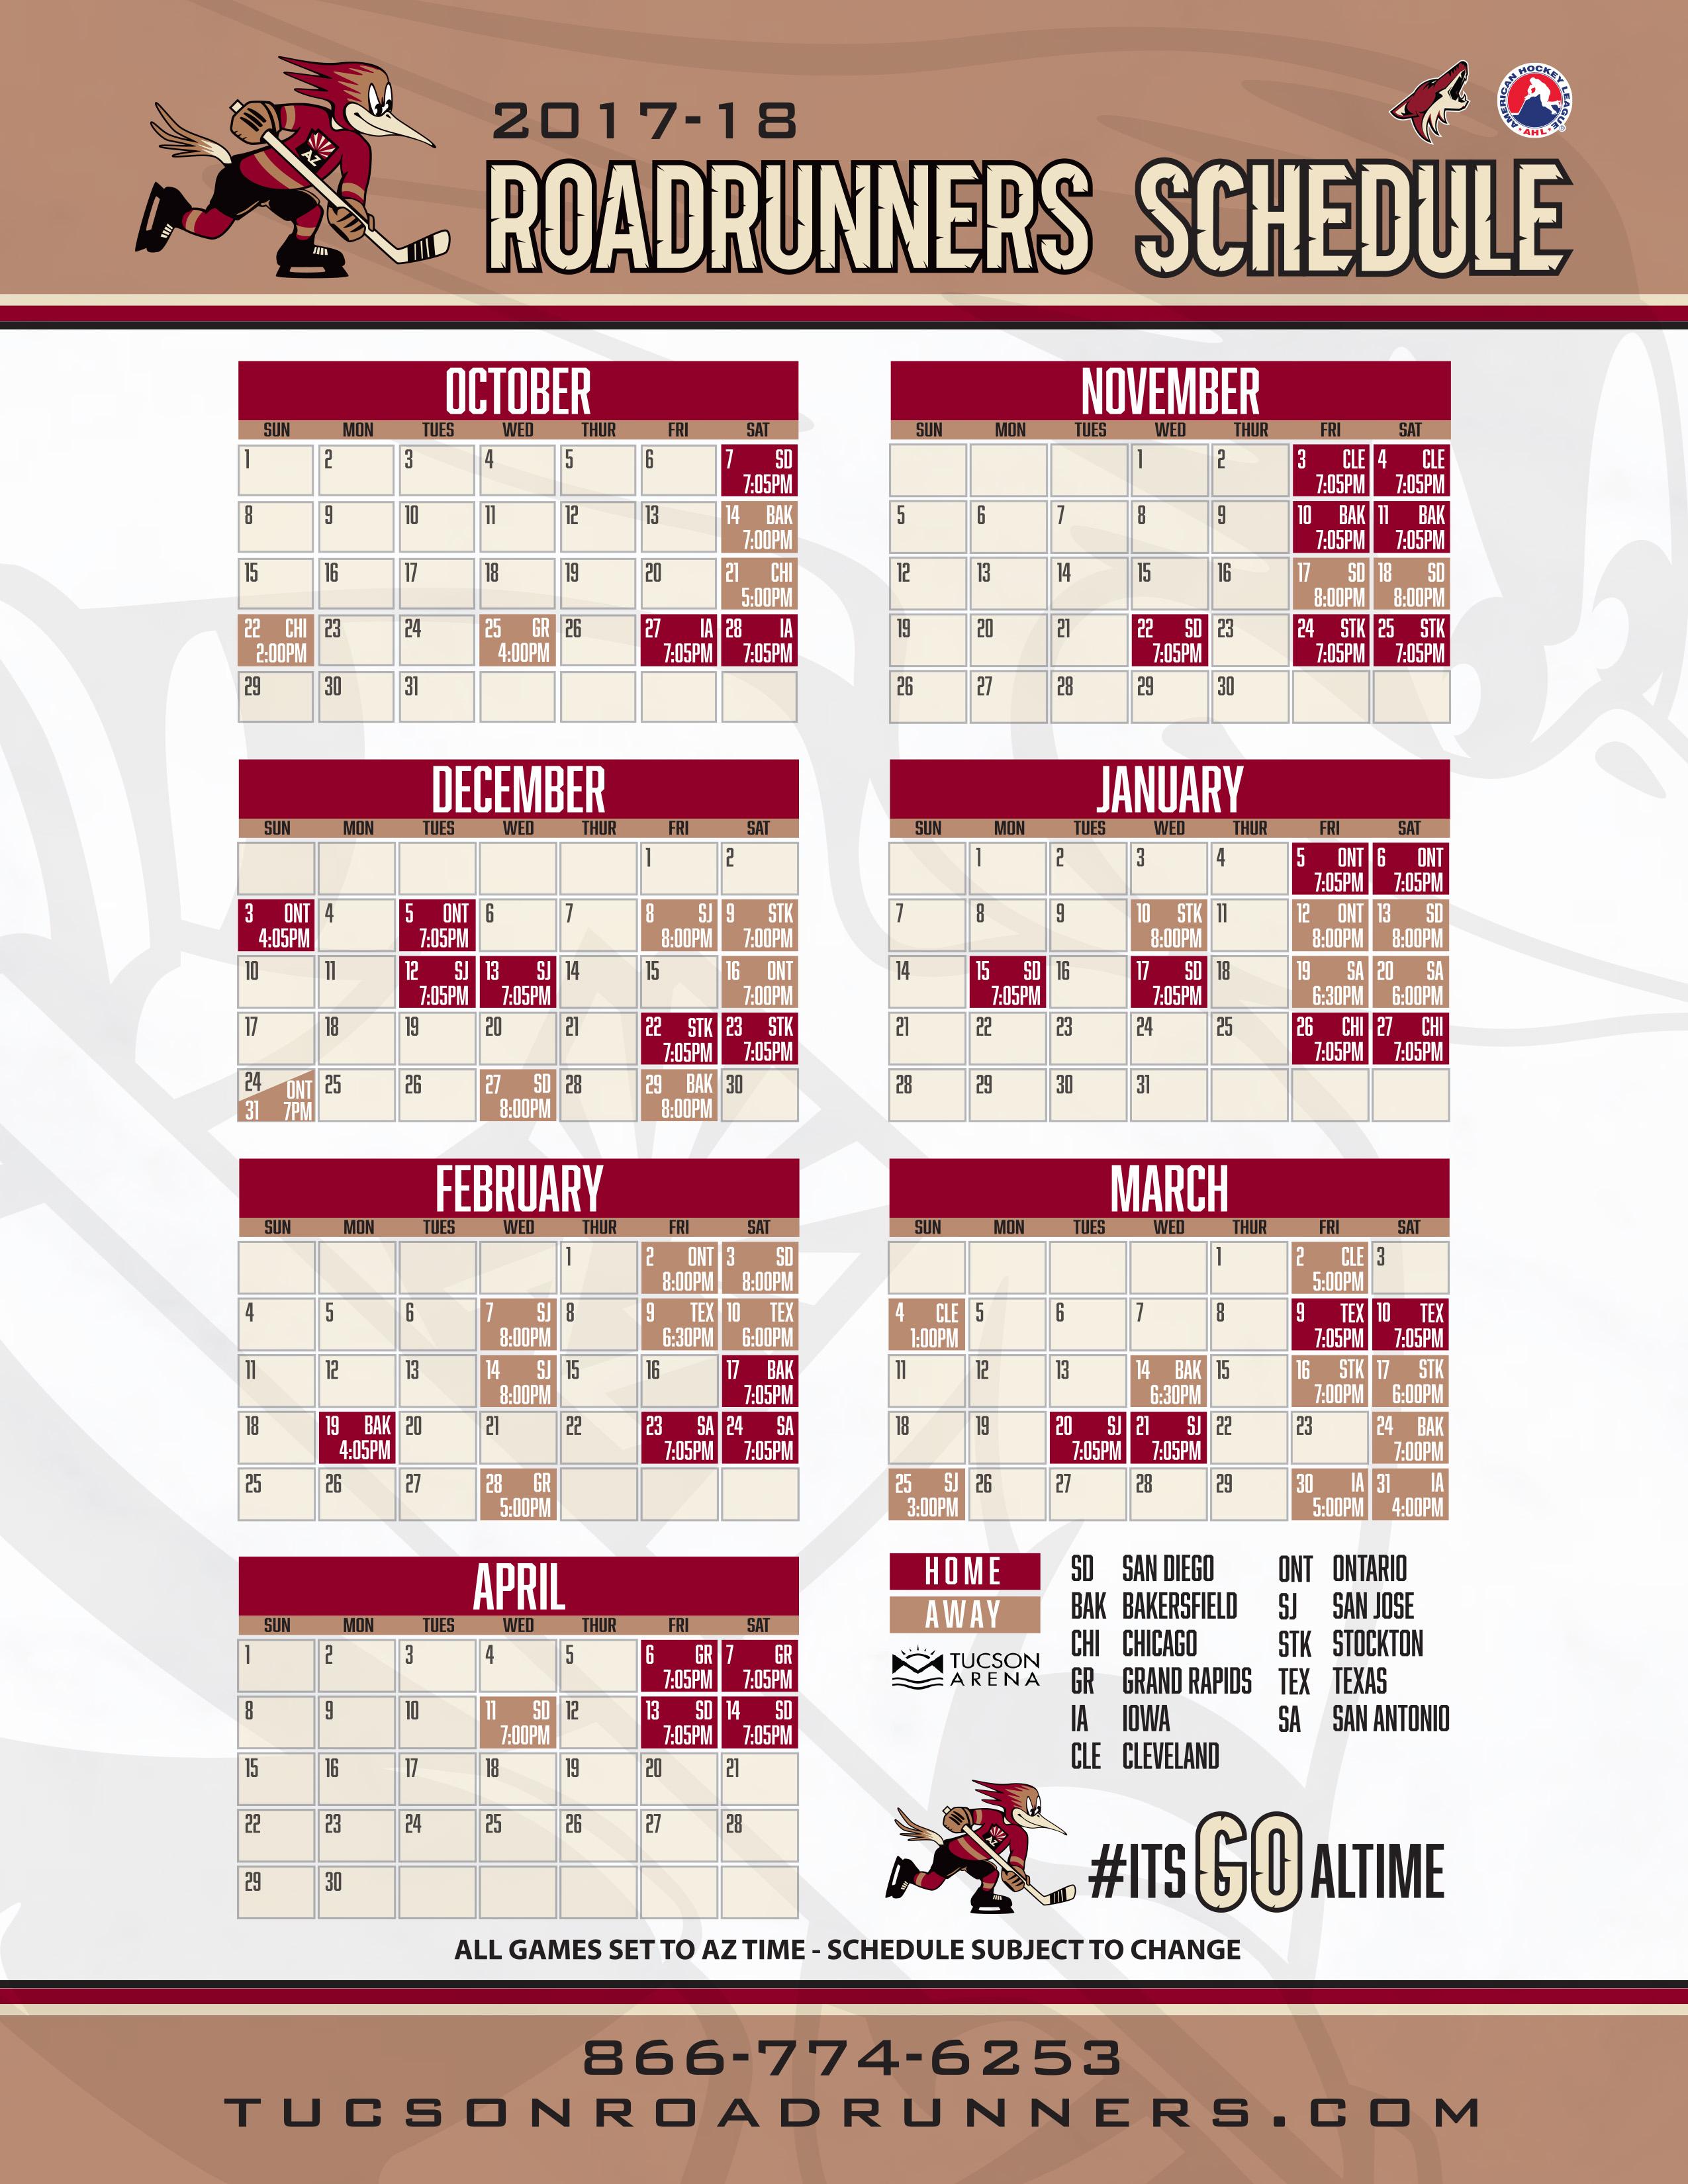 pdf schedule 2017-18 - tucson arena